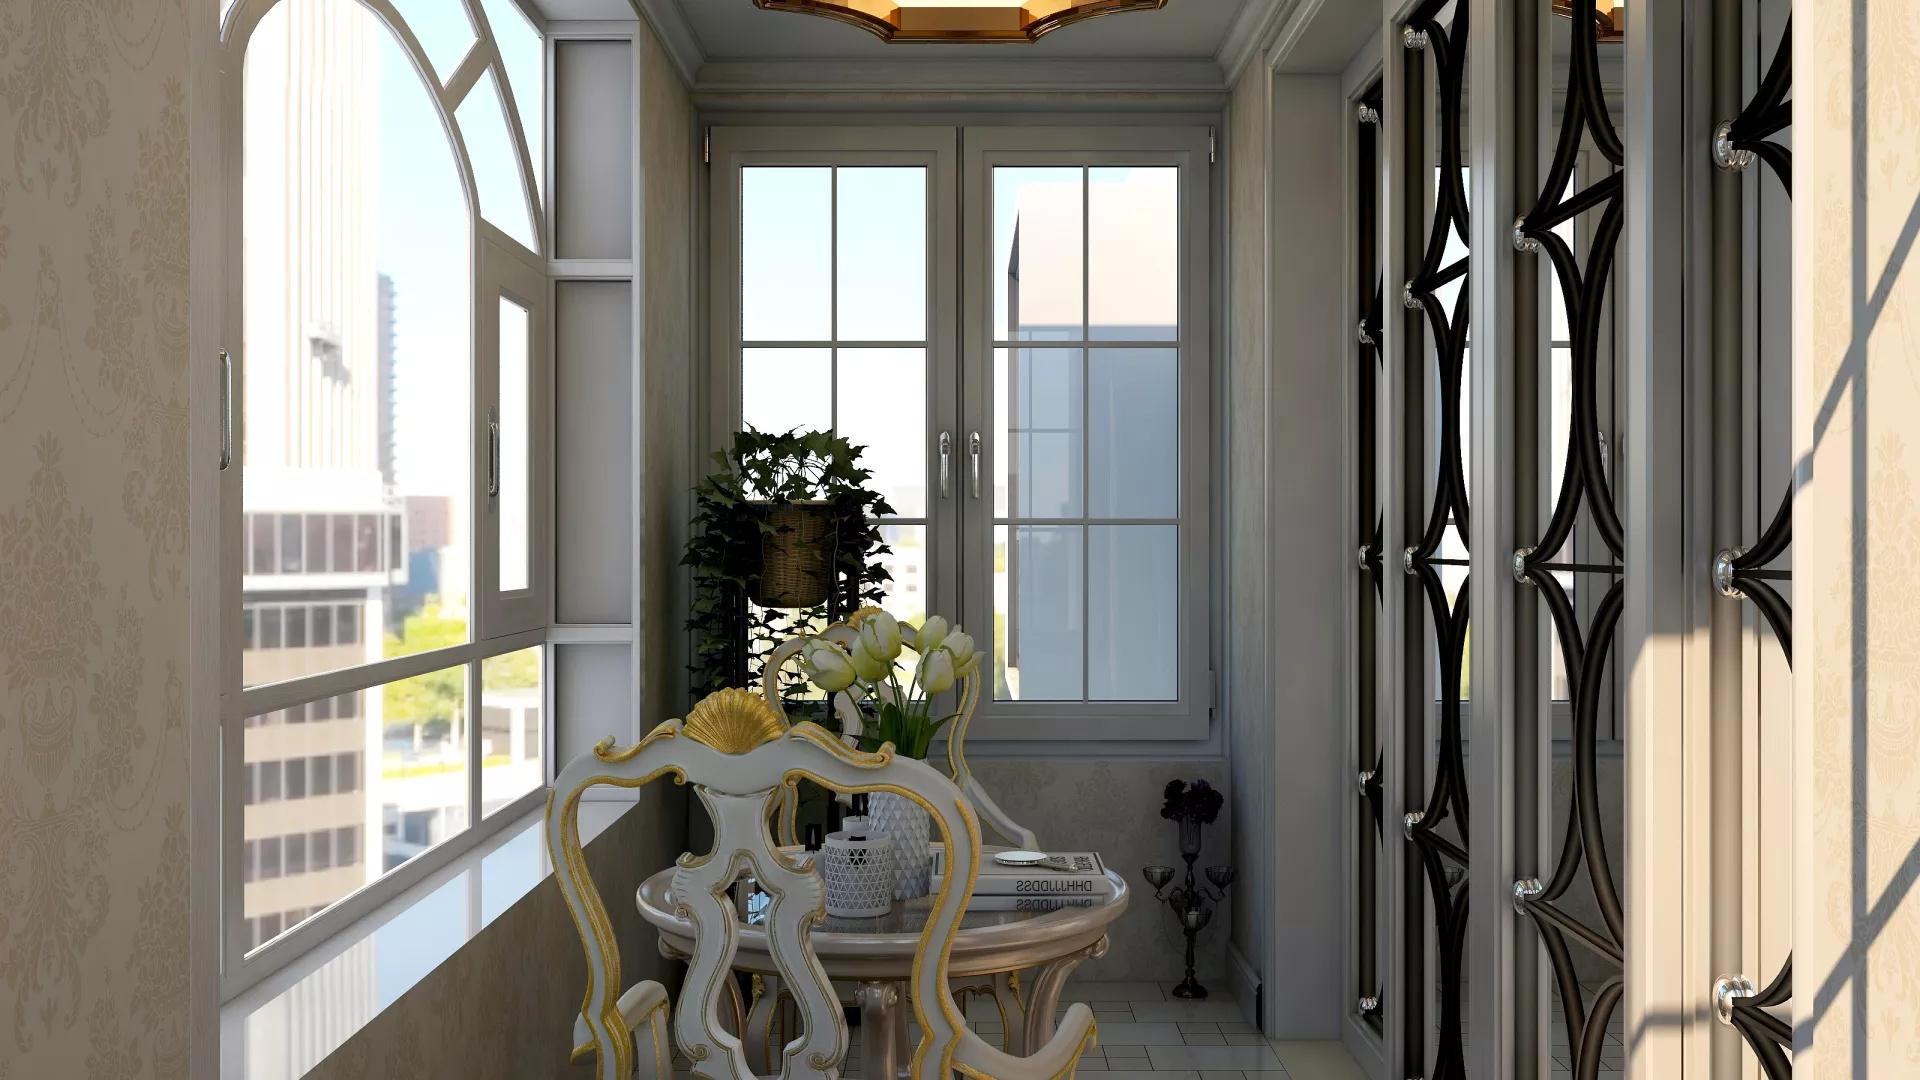 窗?#22791;?#26377;哪些材质?窗?#22791;?#20160;么材质的好?